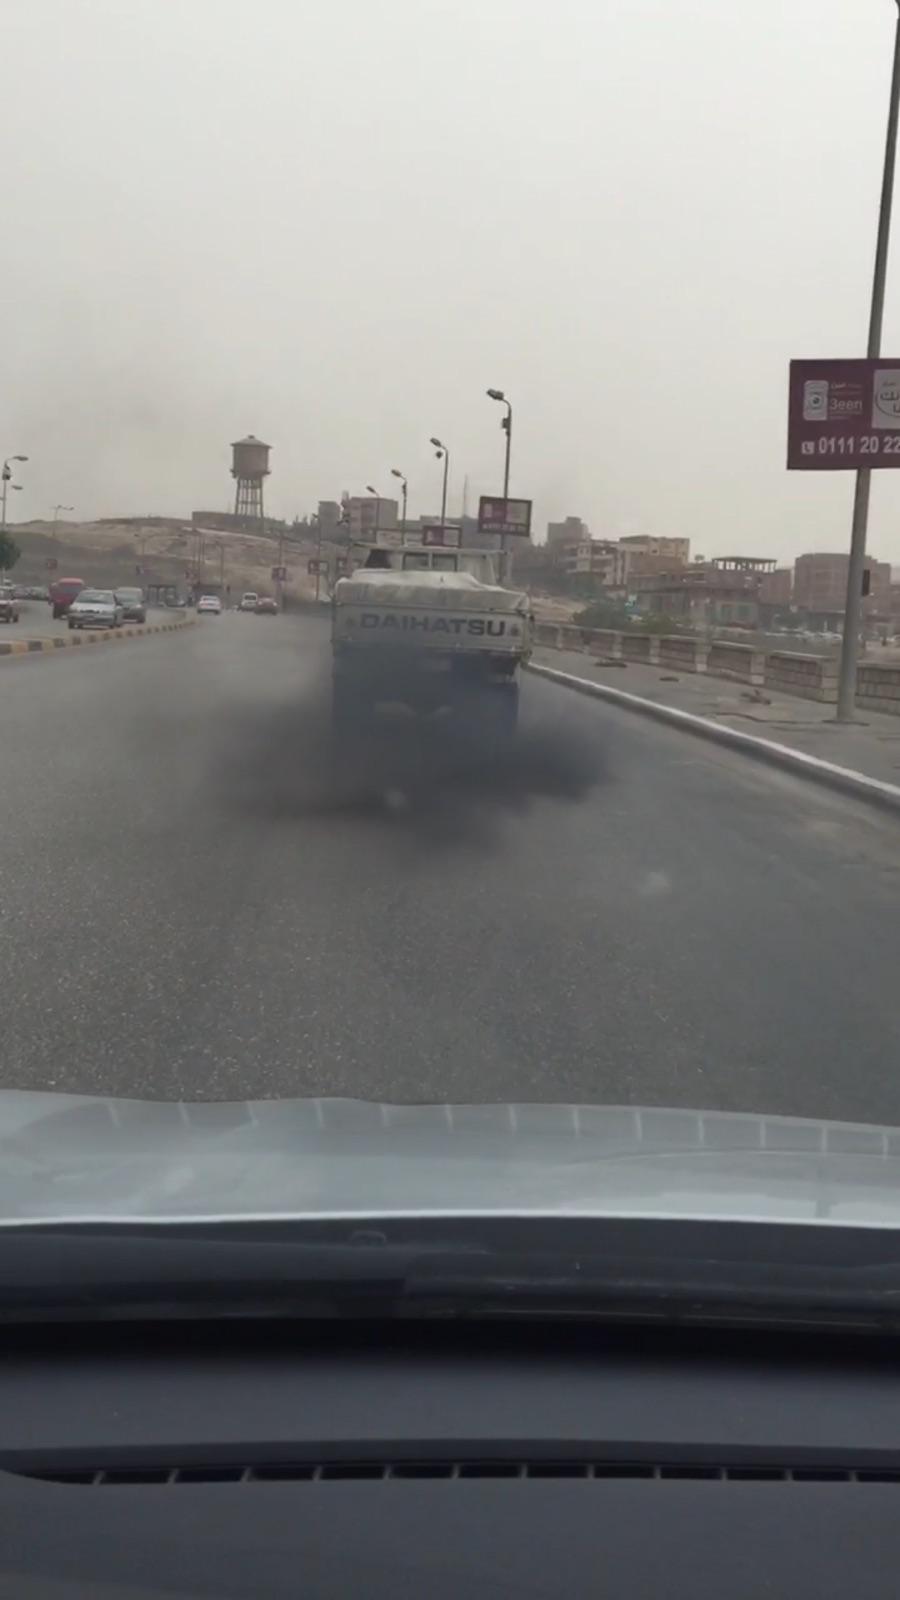 بالصور والفيديو.. عوادم ميكروباصات القاهرة: «مصانع توزيع الهباب»